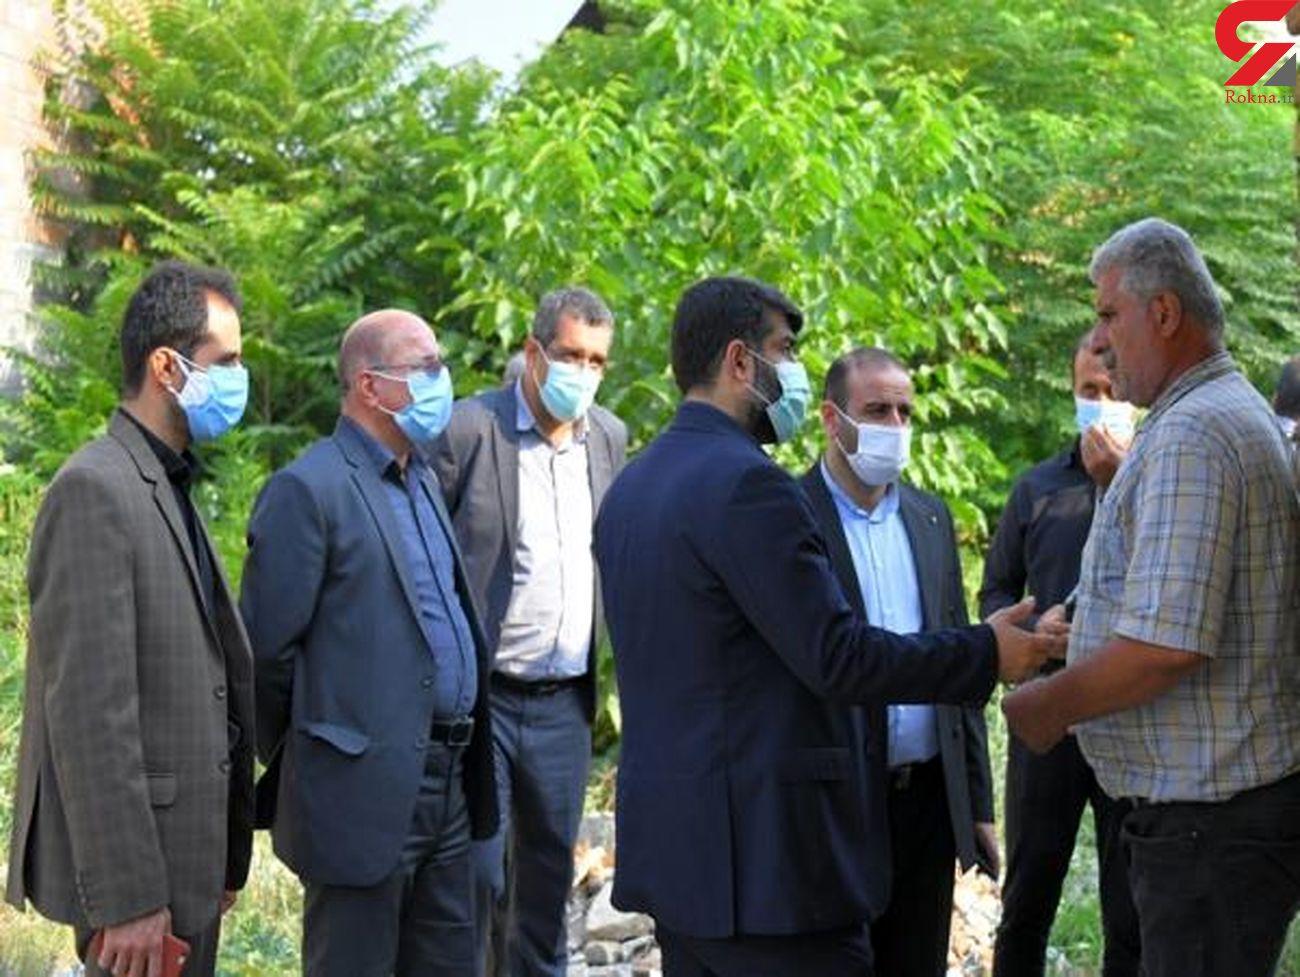 بازدید سرپرست شهرداری ساری و عضو شورای اسلامی شهر از محله شریف آباد